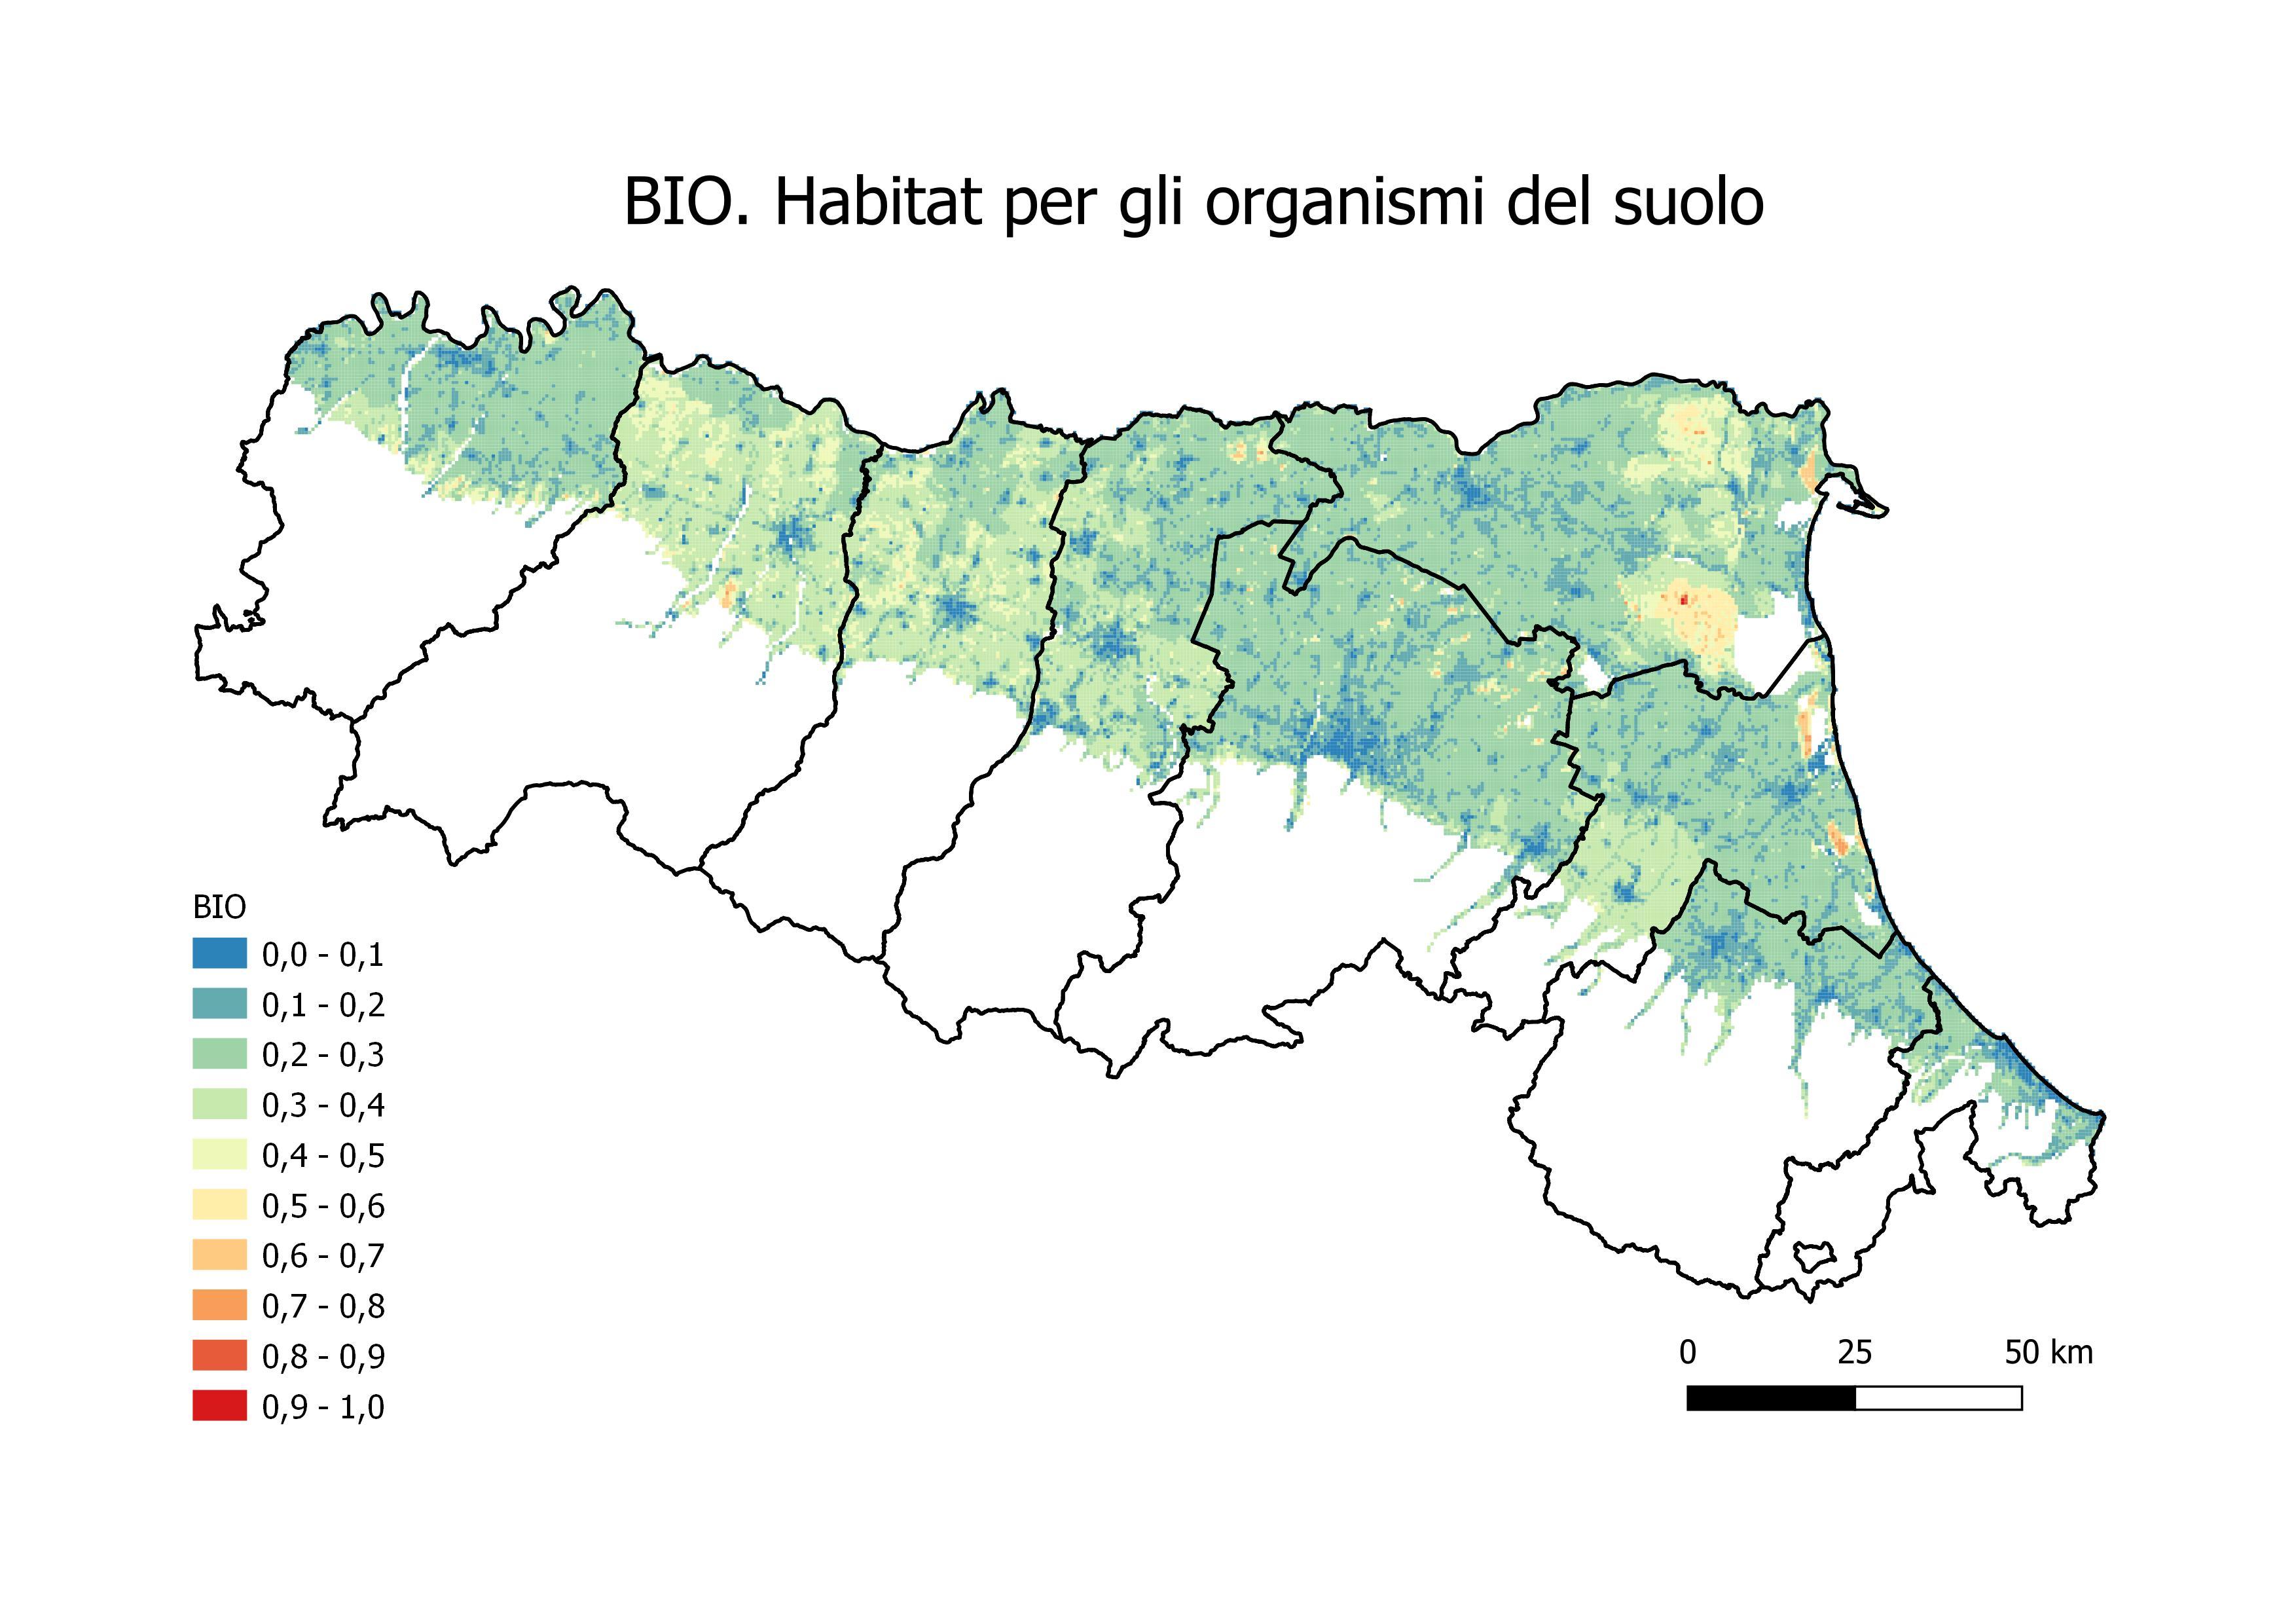 a) BIO. Biodiversità